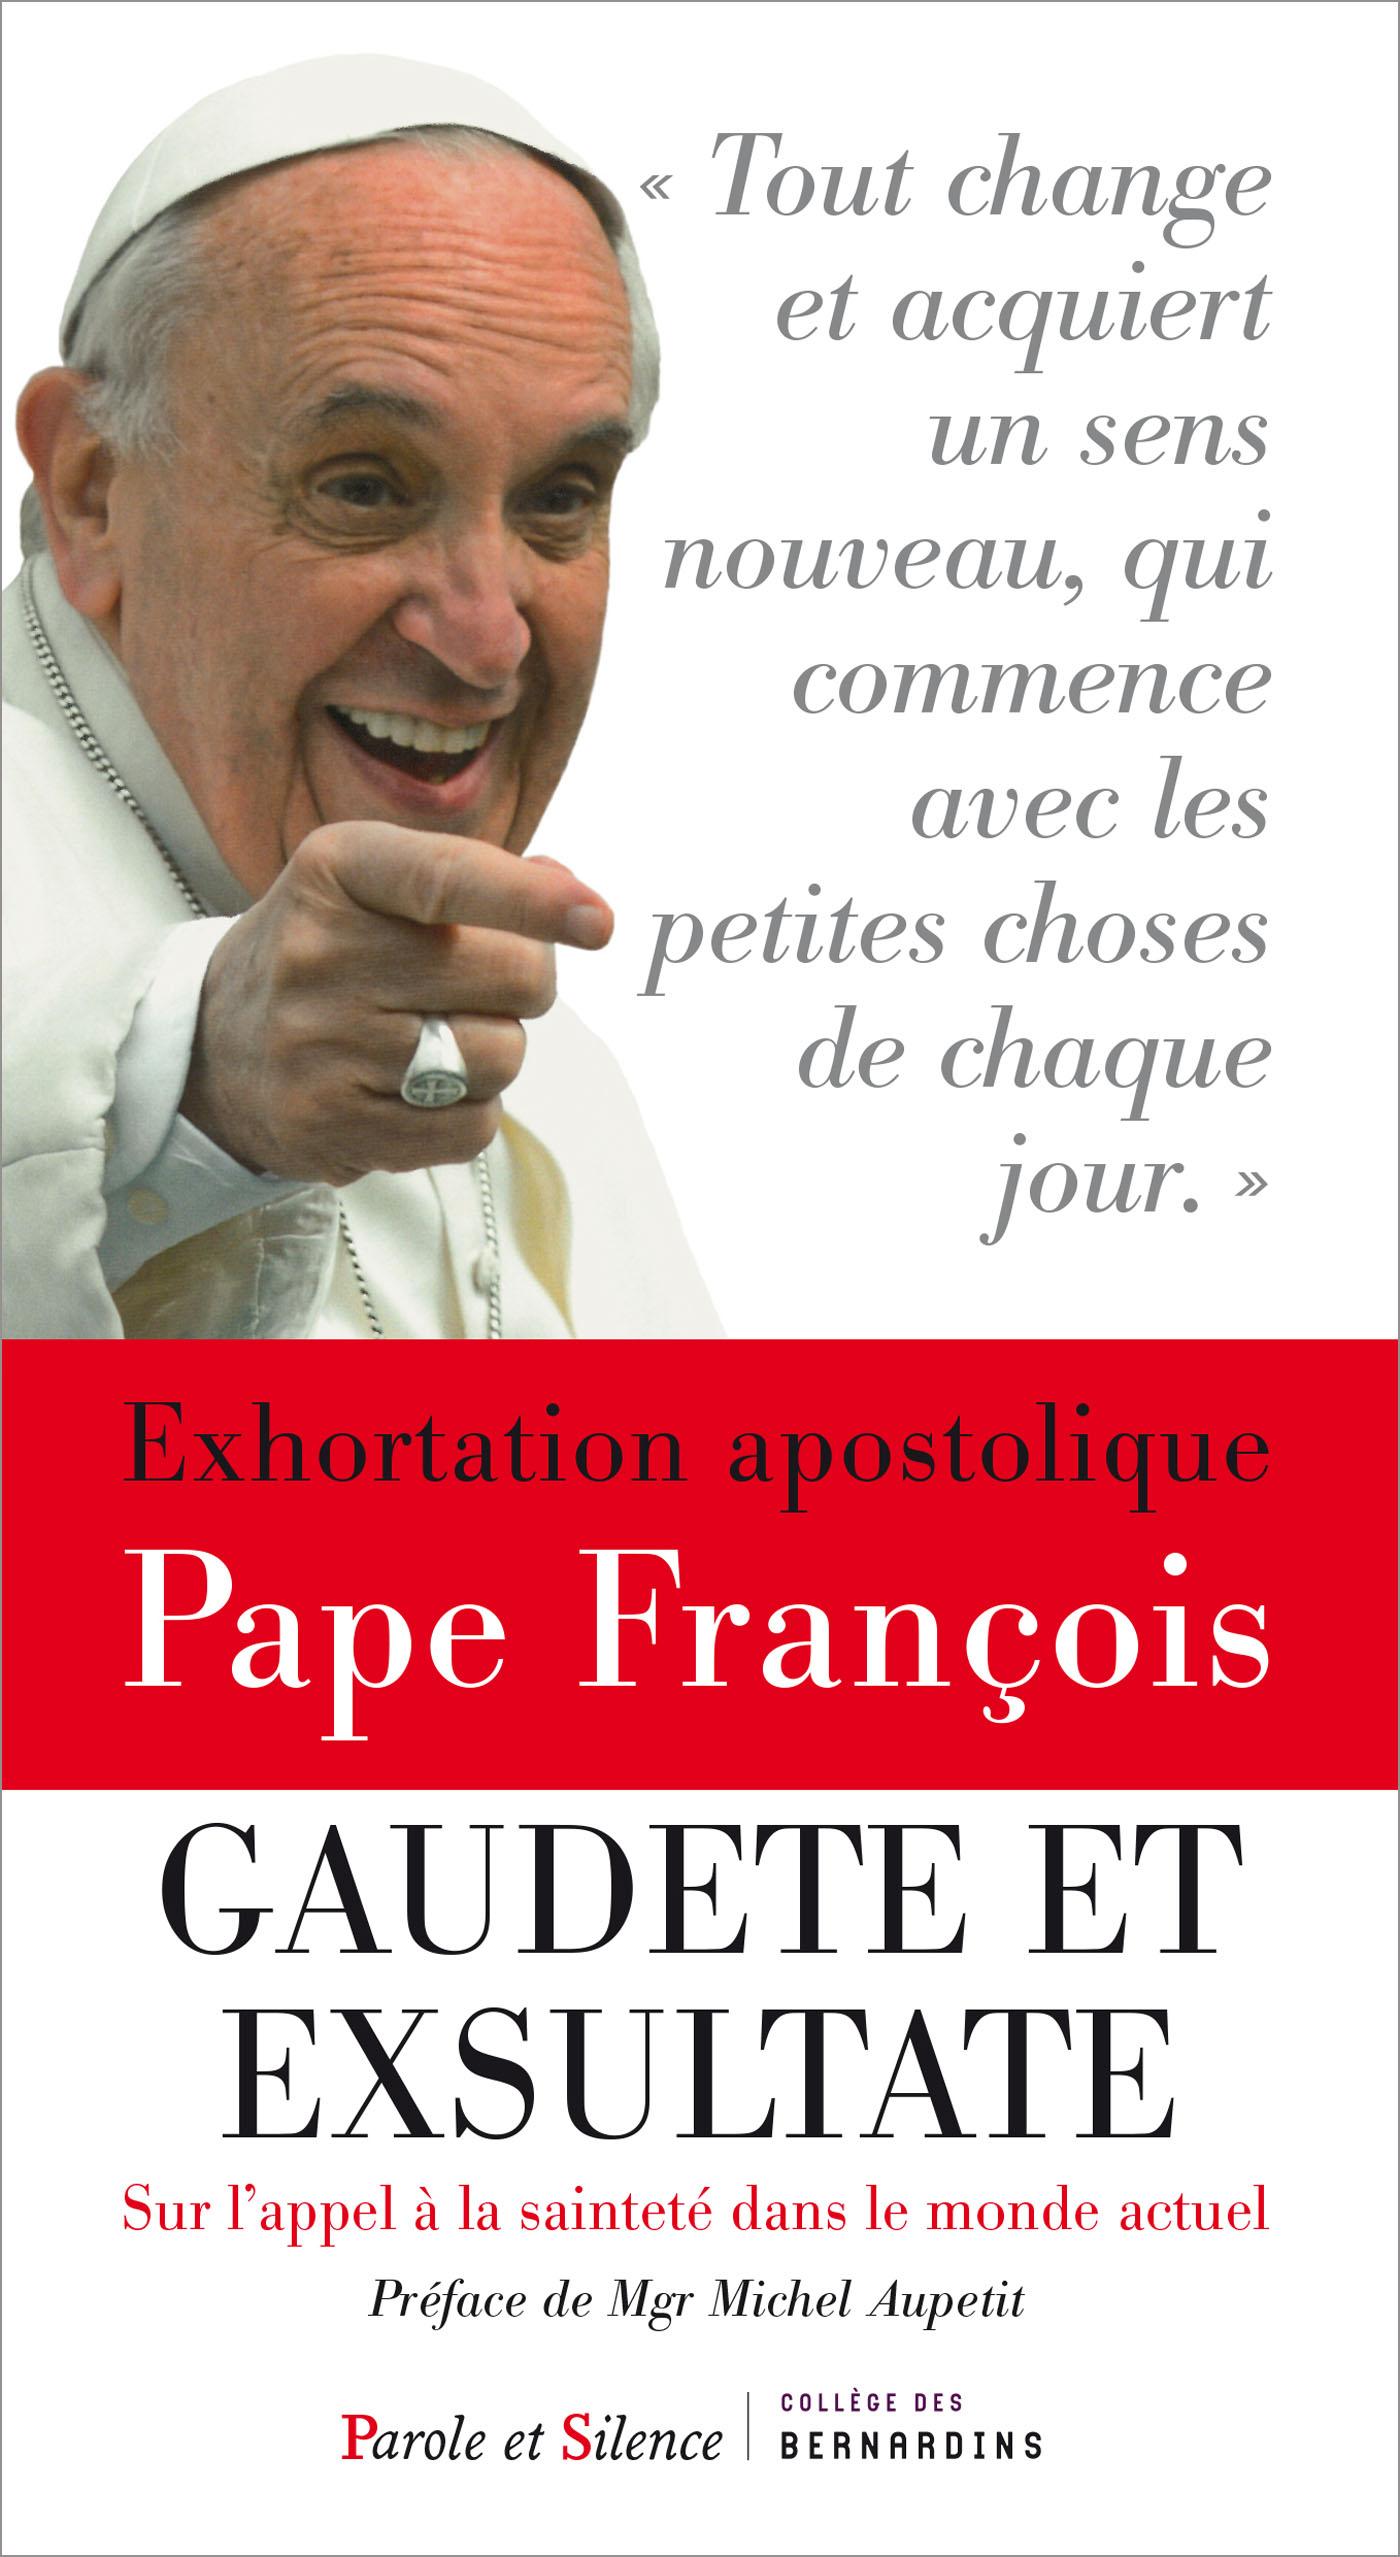 Exhortation apostolique sur la sainteté - Gaudete et exsultate